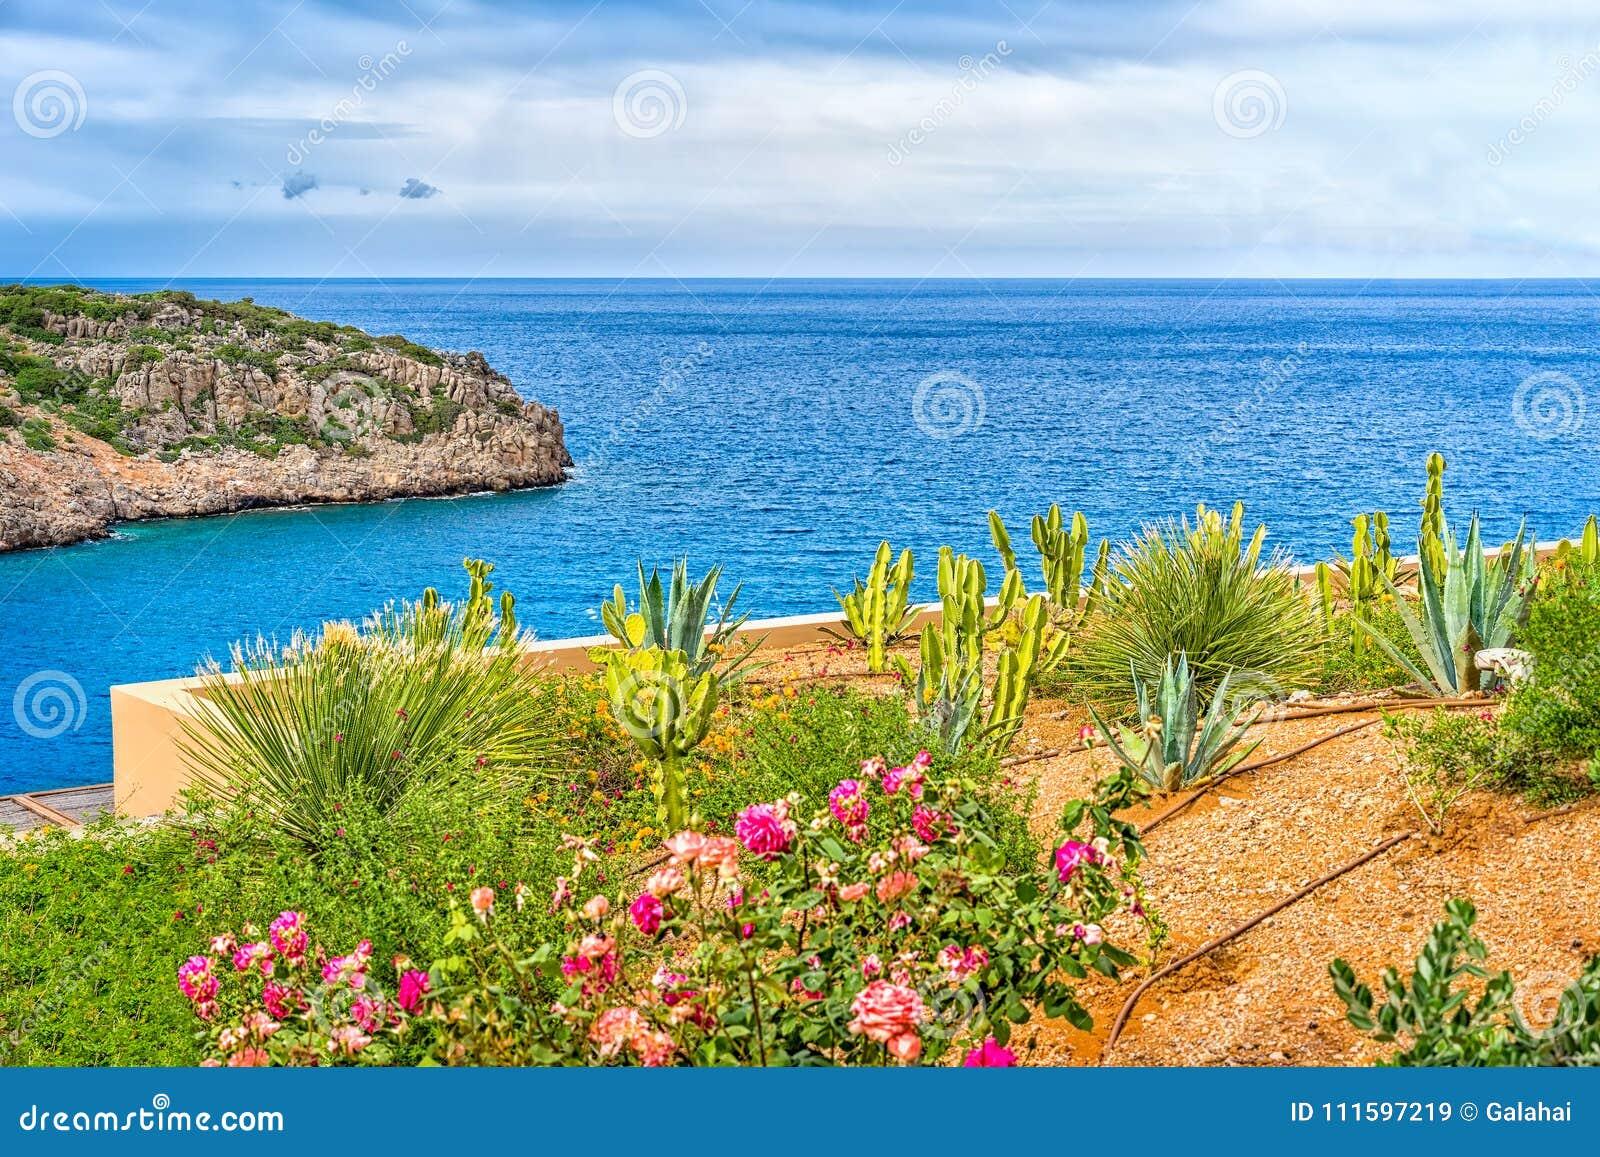 Parterre de floraison sur un fond de paysage de mer, Grèce